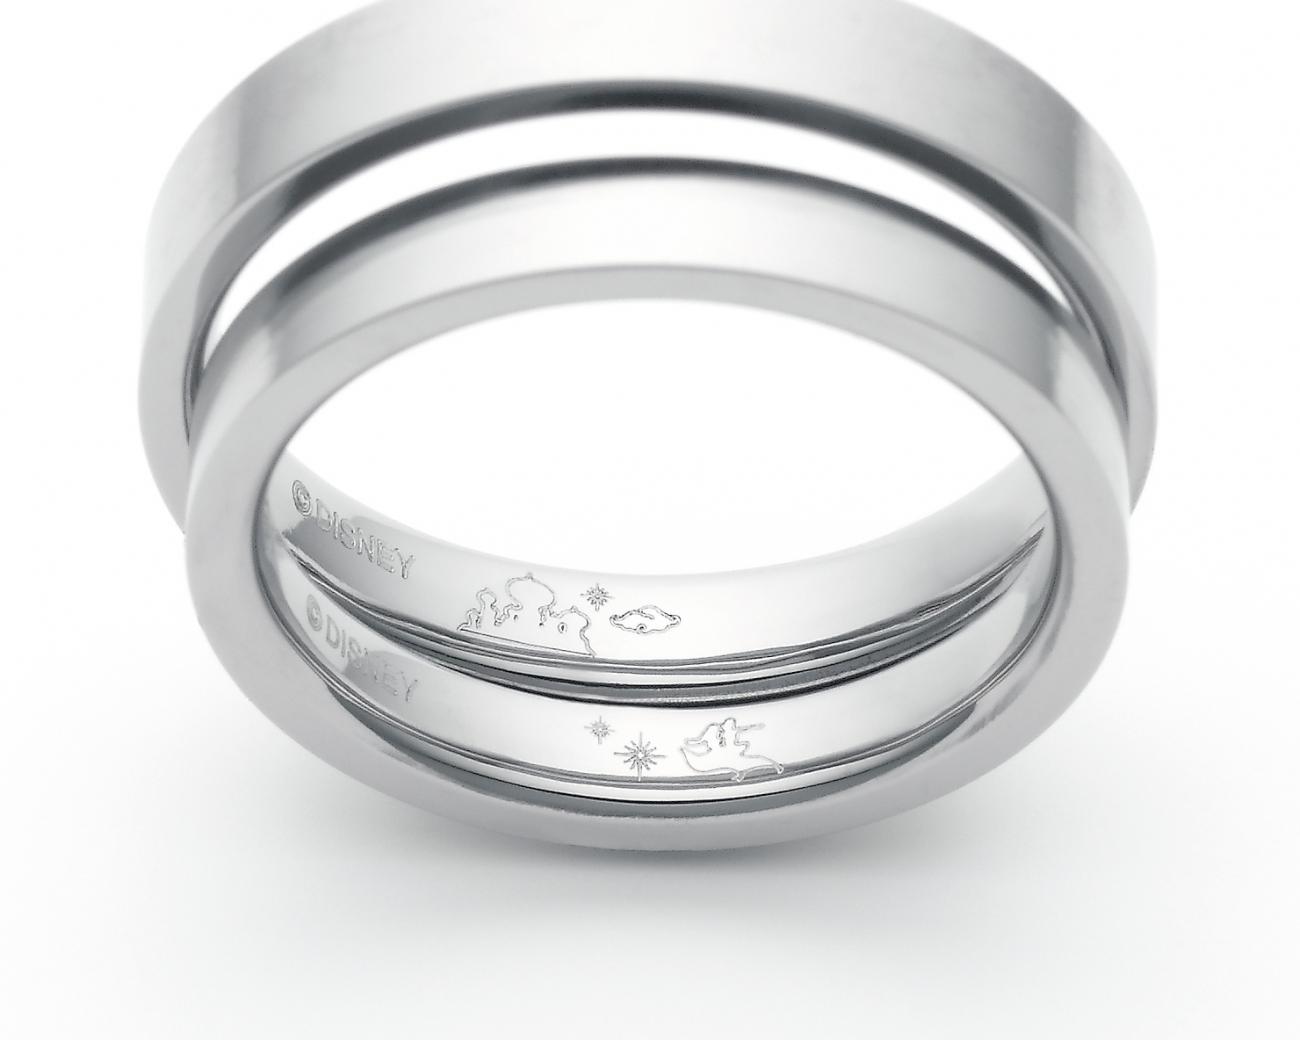 新潟 結婚指輪 婚約指輪 マリッジリング エンゲージリング ディズニー アラジン Padoma パドマ